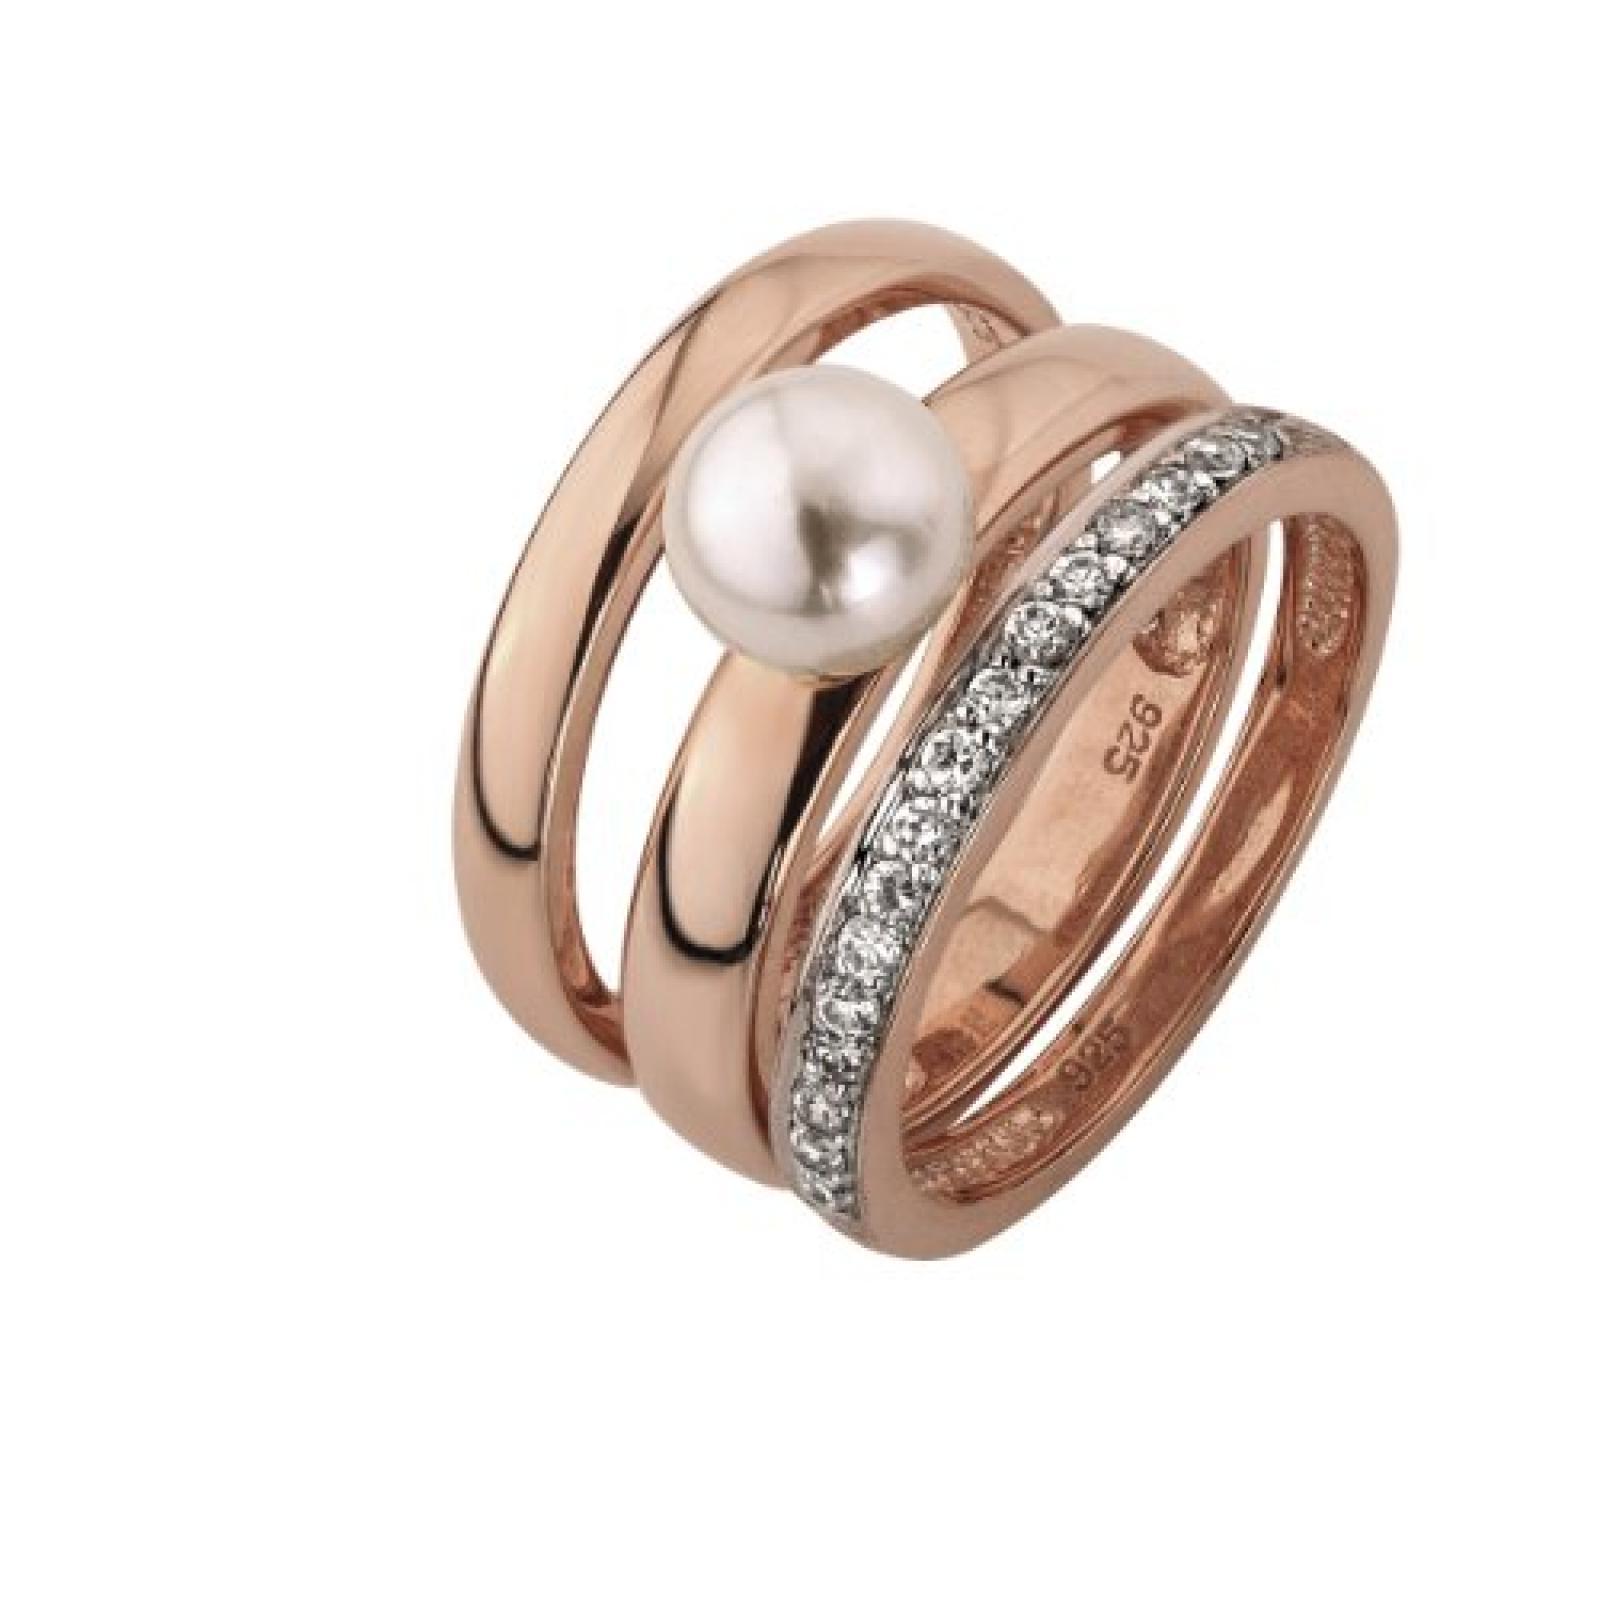 Celesta Damen-Ring 925 Sterling Silber teilrhodiniert Zirkonia Celesta Silver weiß 3-teilig Perle+Zirkonia weiß Gr. 60 (19.1) 360271180-2-019